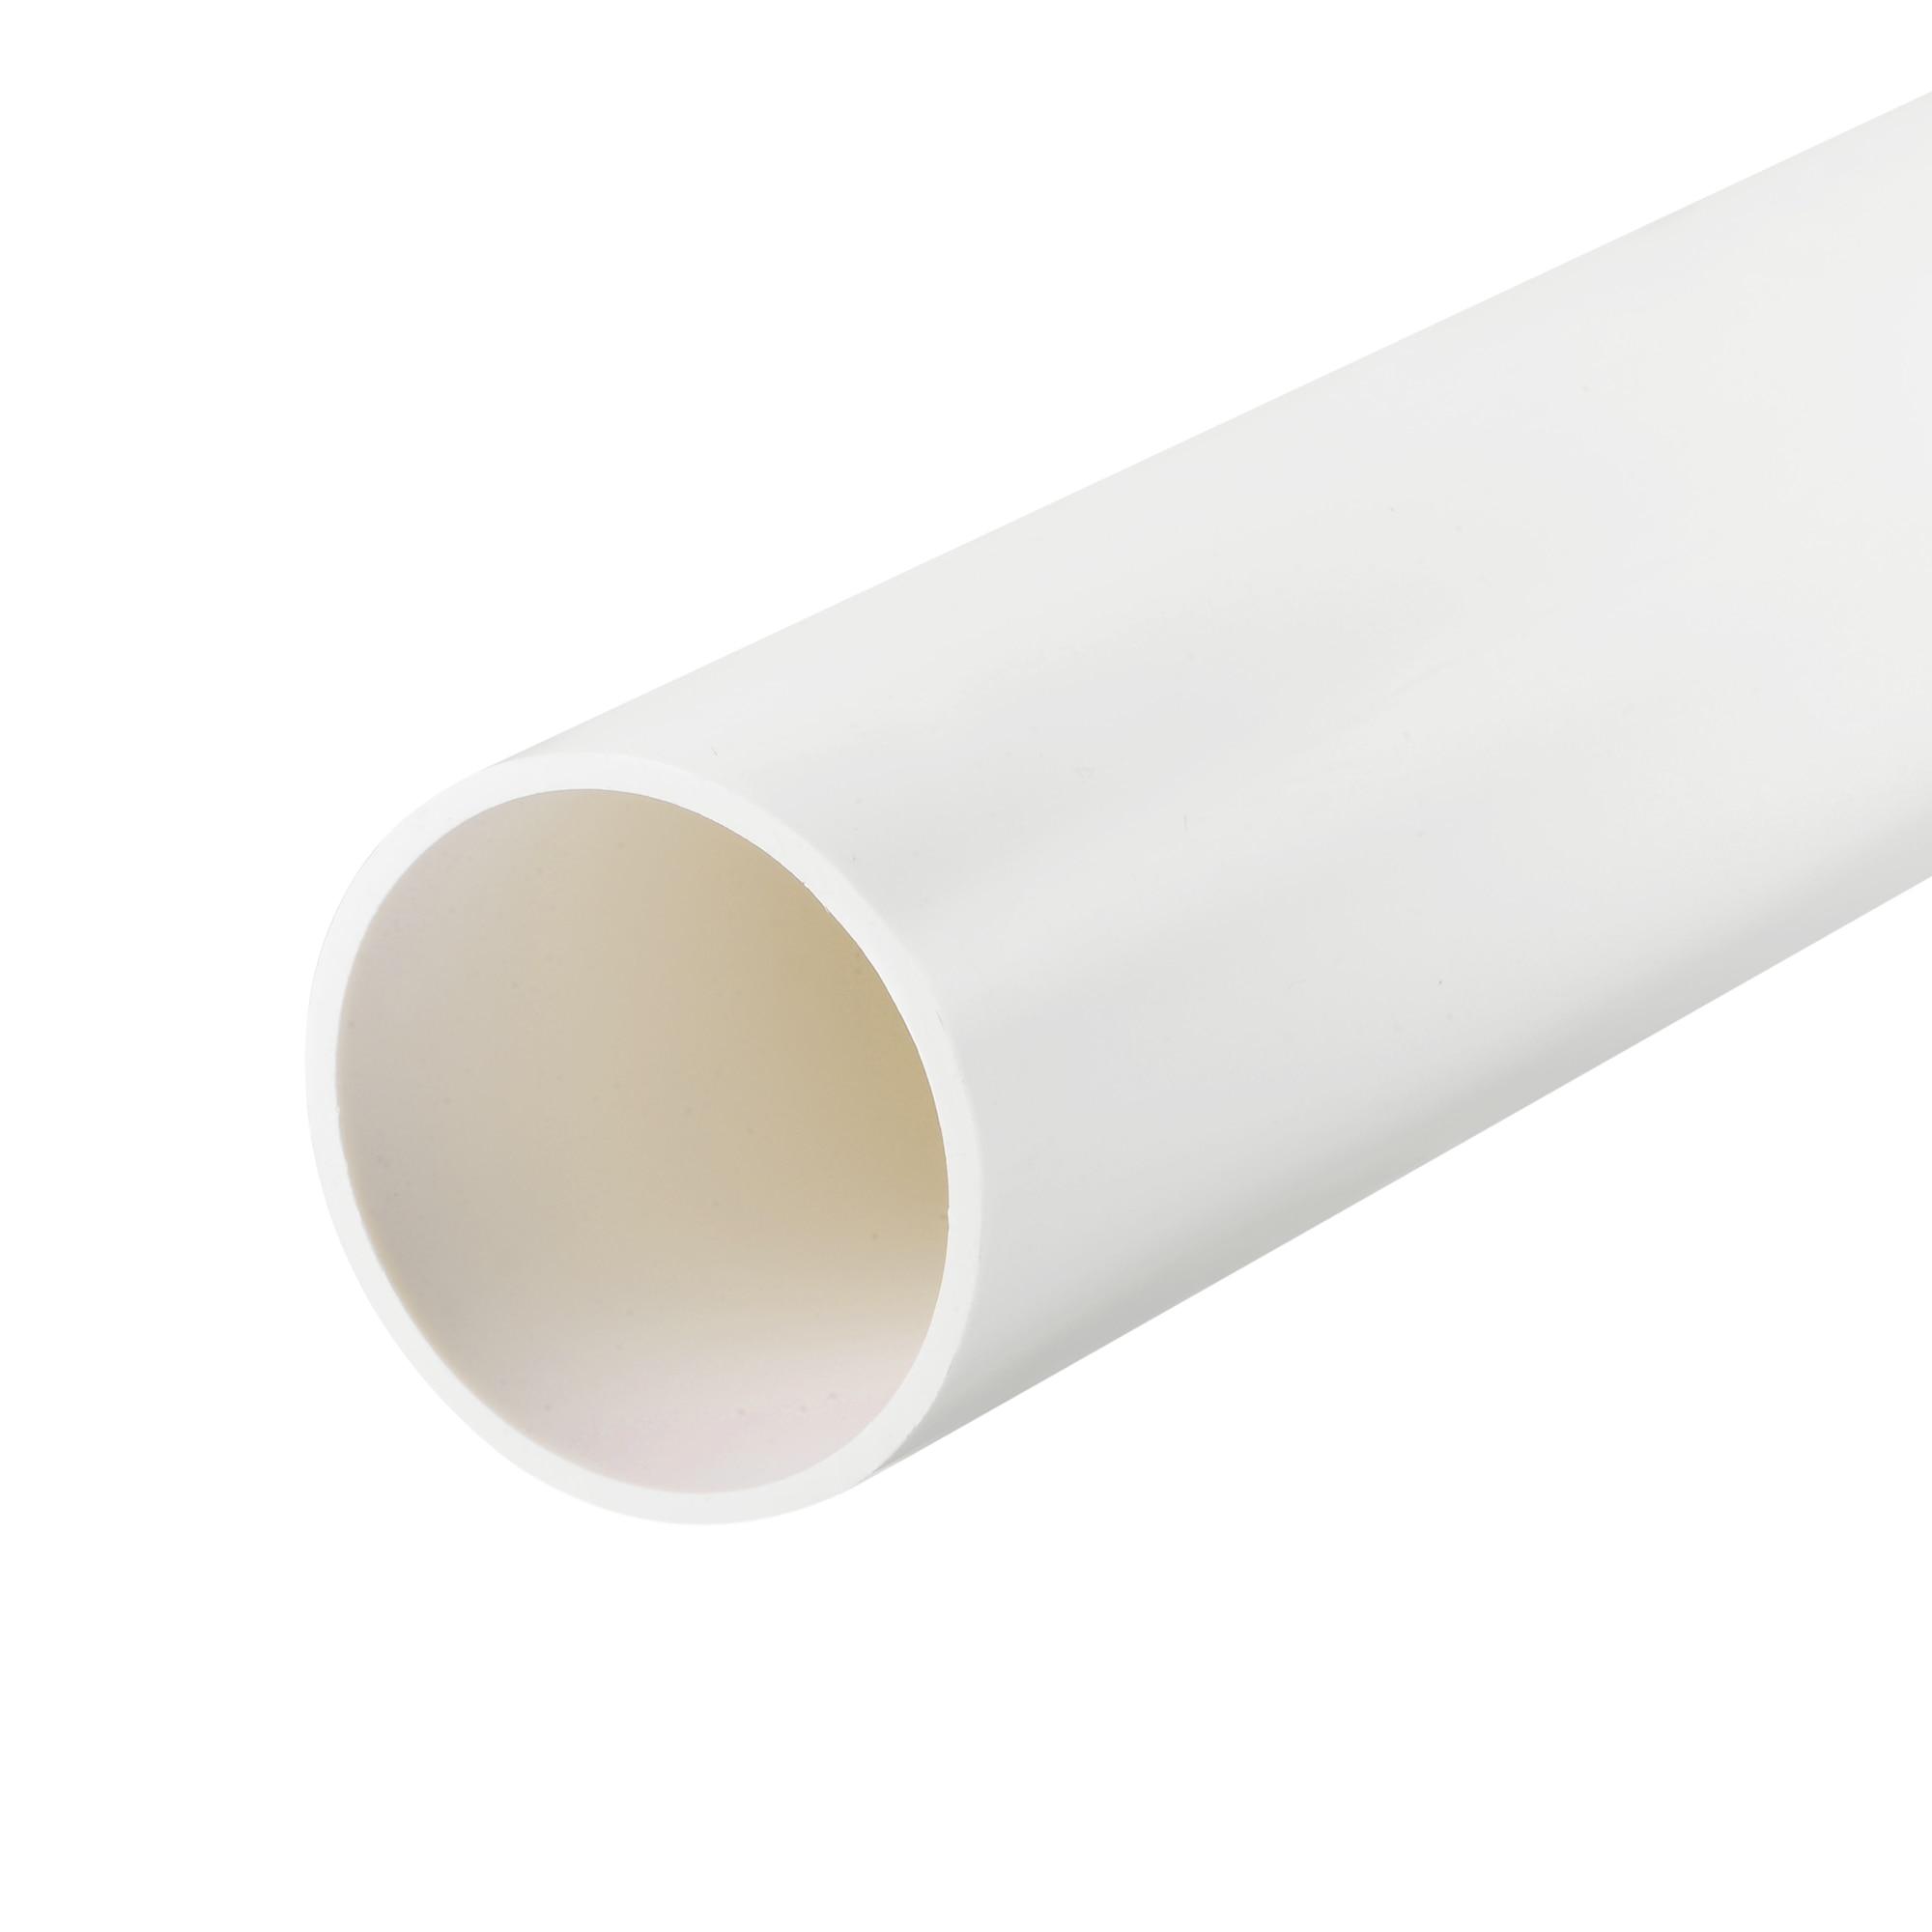 Uxcell ПВХ труба 45,2 мм ID x 50 мм OD 0,5 м, жесткая водопроводная труба, дренажная труба, белая